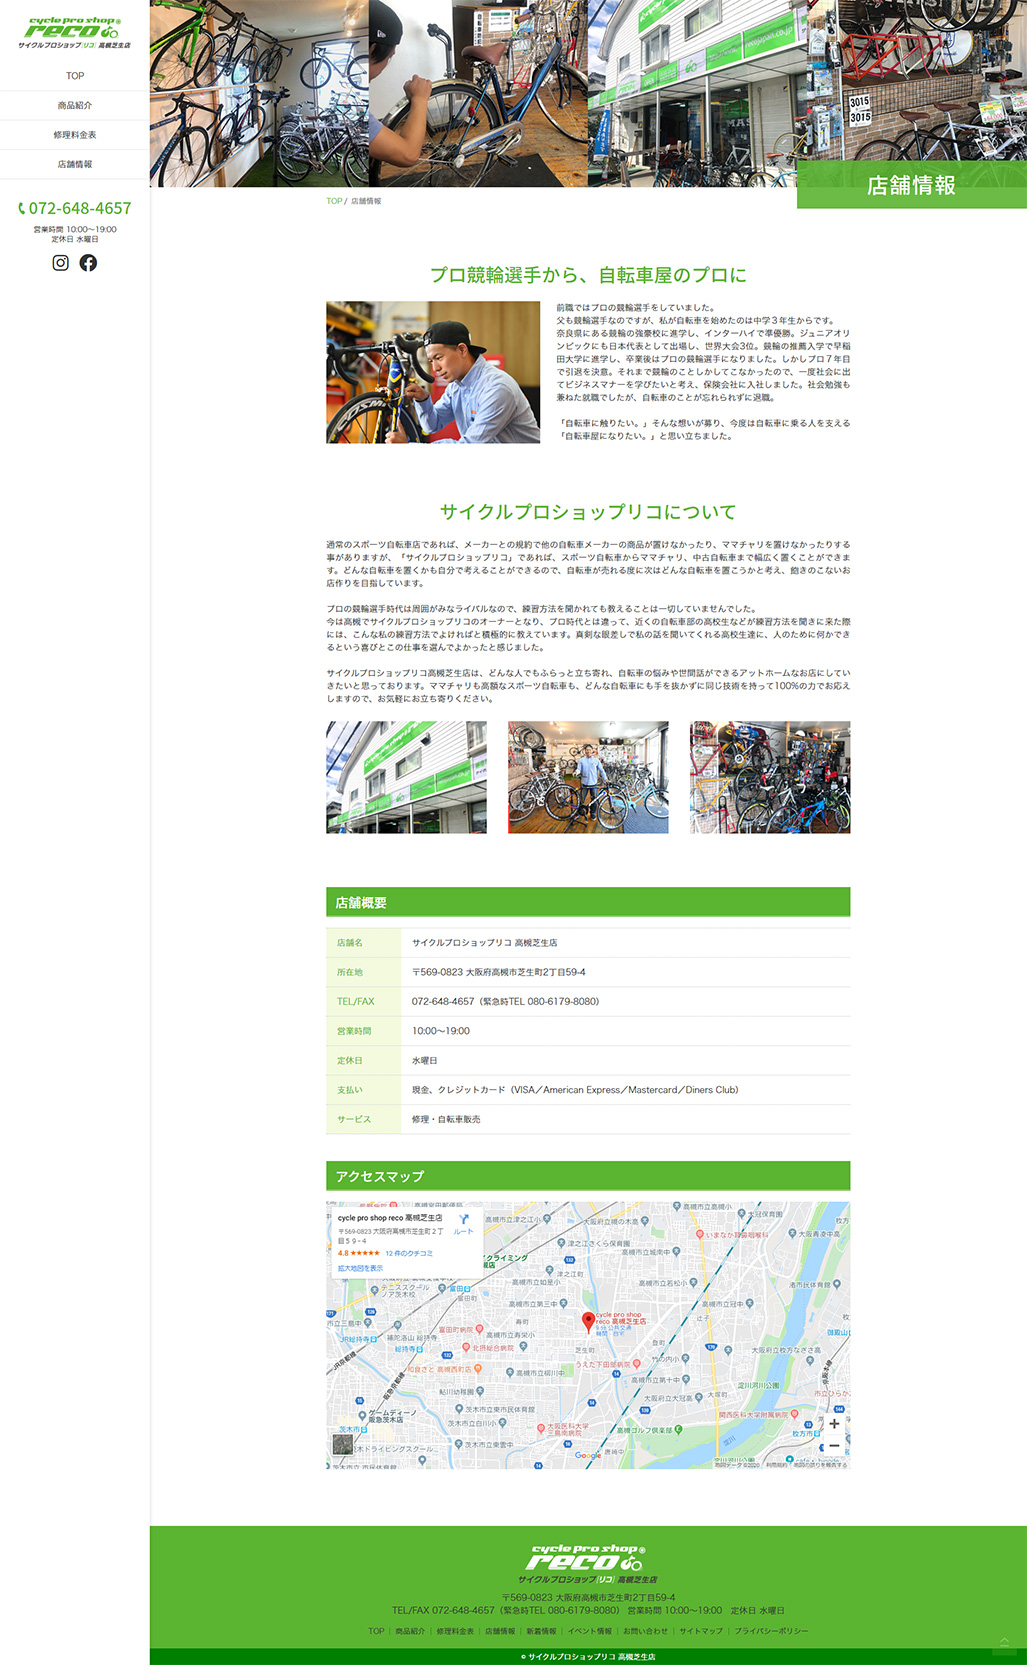 サイクルプロショップリコ 高槻芝生店PC画像2